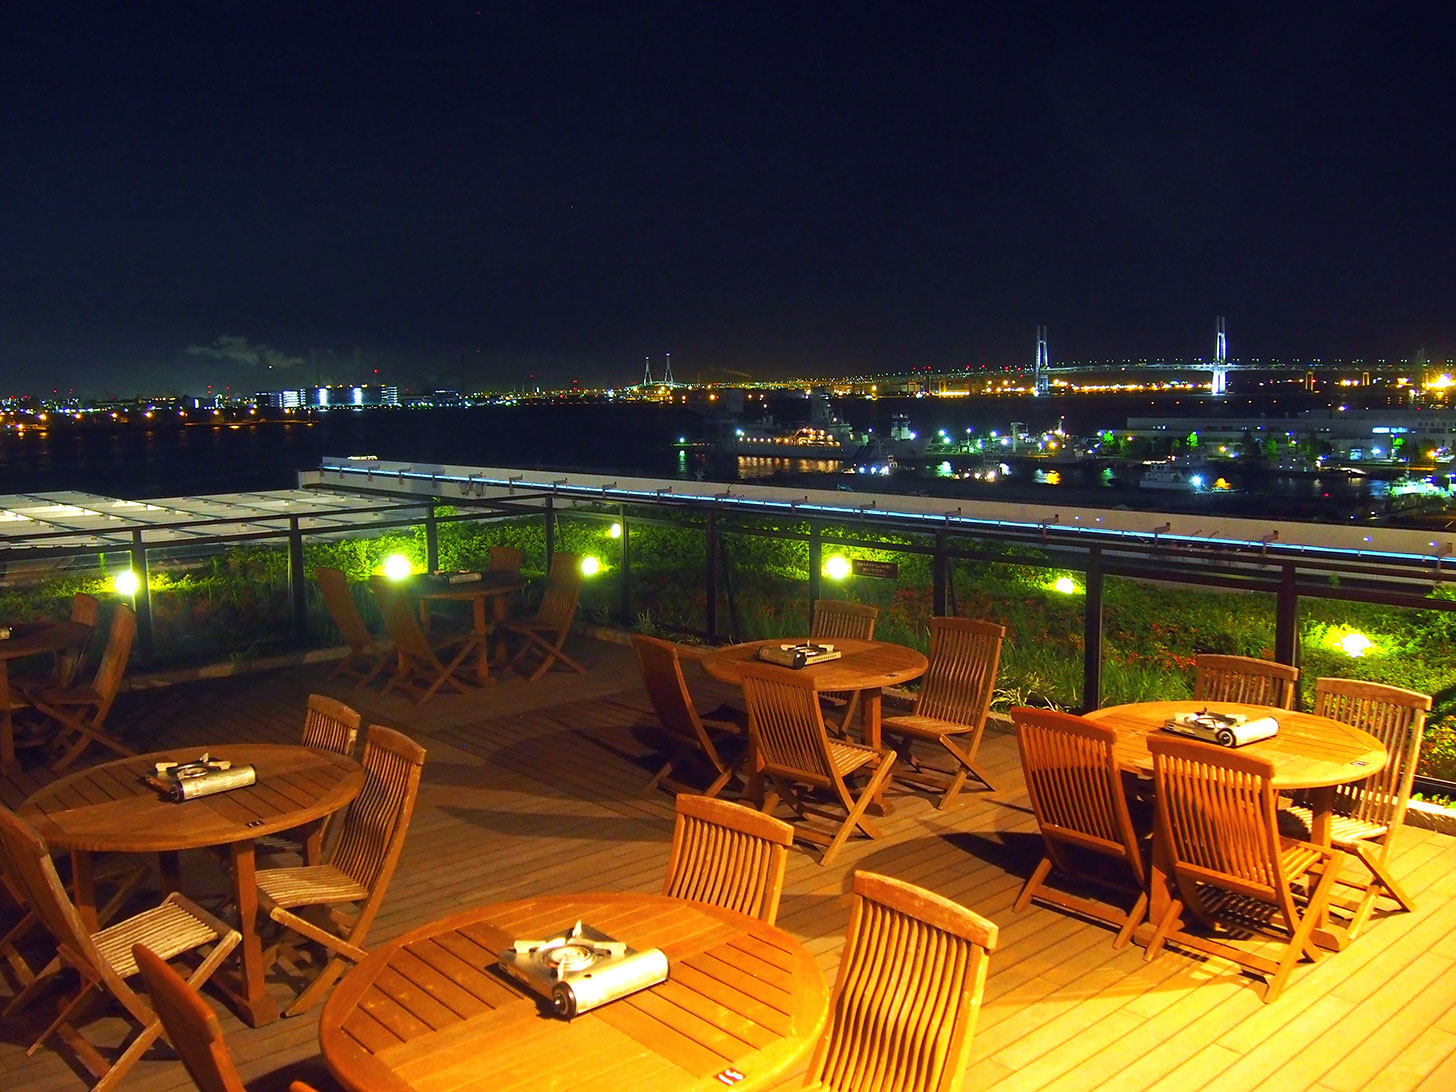 横浜みなとみらい 万葉倶楽部「横浜港を臨む絶景BBQビアガーデン」開催!夜景見ながら浴衣で